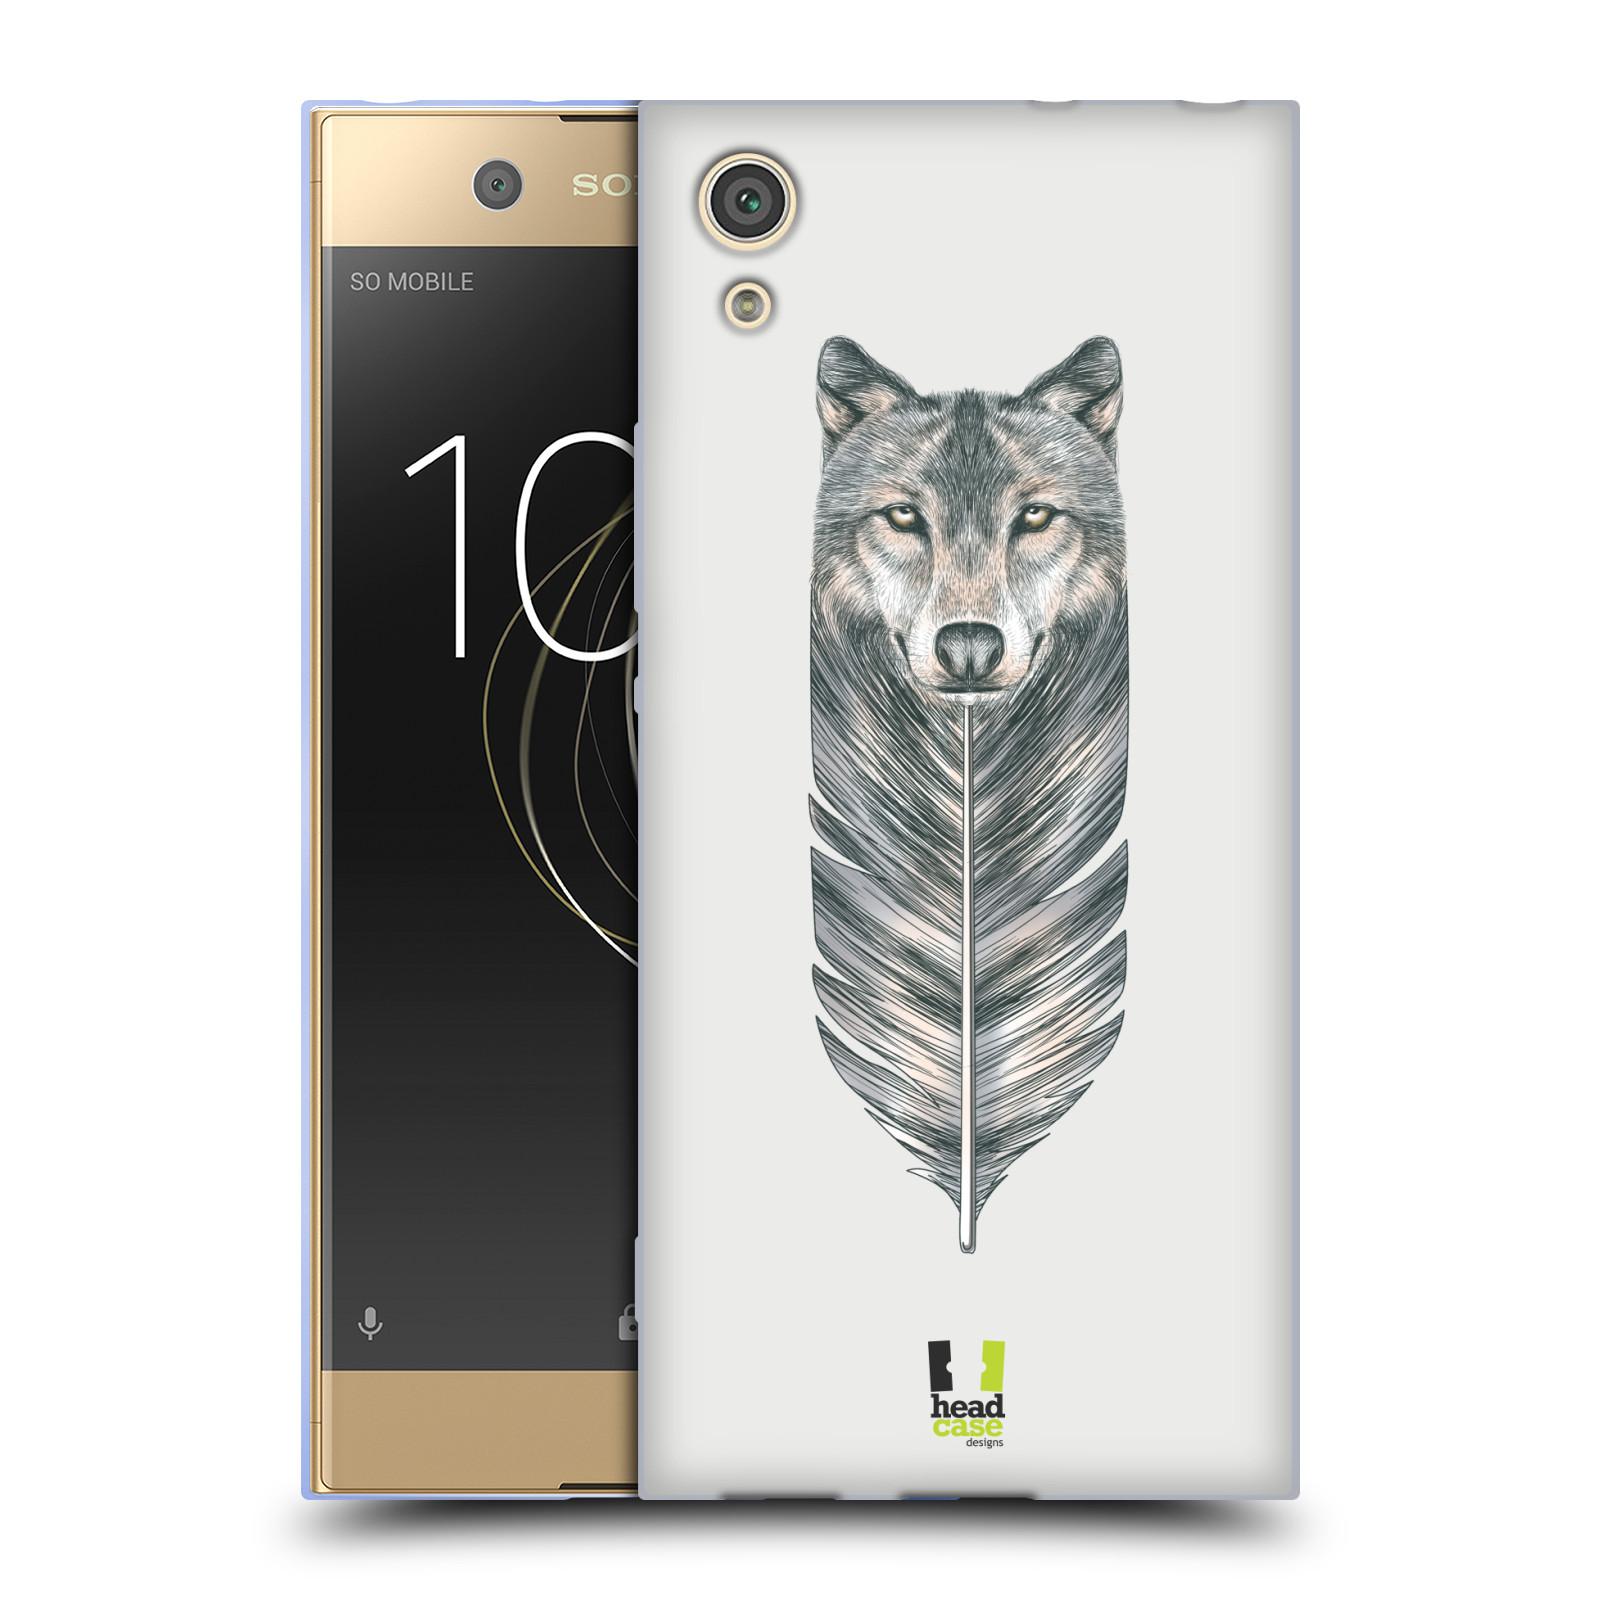 HEAD CASE silikonový obal na mobil Sony Xperia XA1 / XA1 DUAL SIM vzor zvířecí pírka vlk